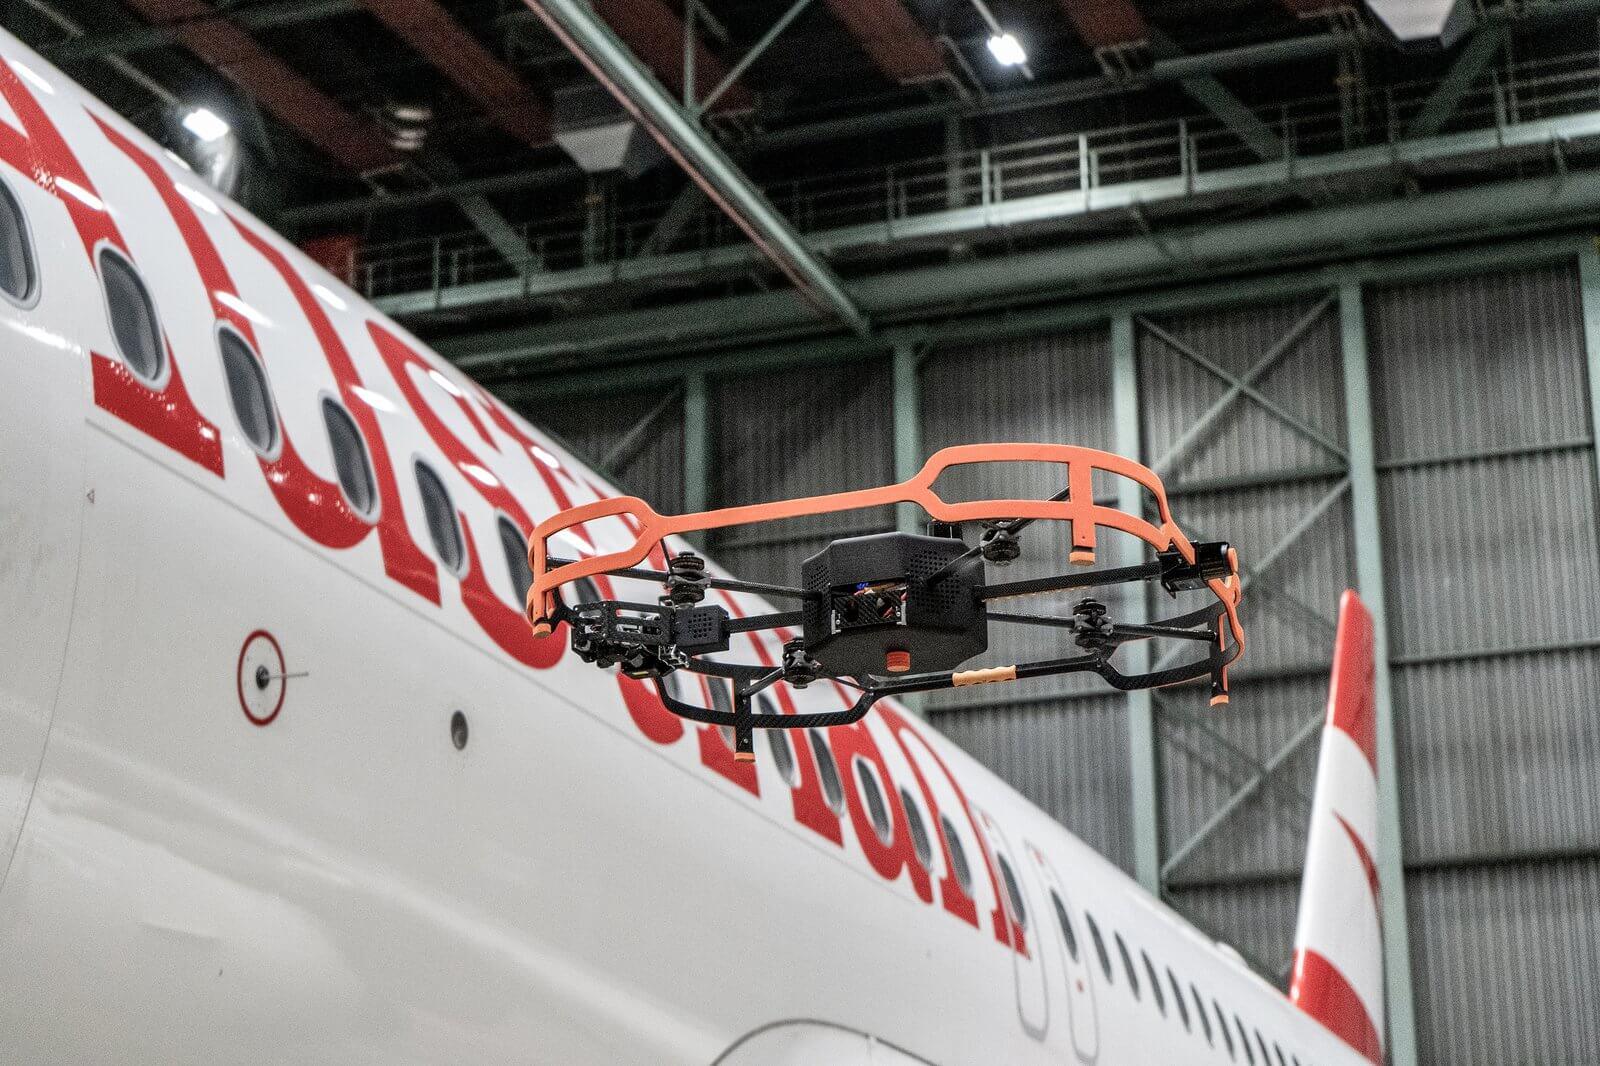 Avusturya Hava Yolları uçak kontrollerini otonom drone ile gerçekleştirecek